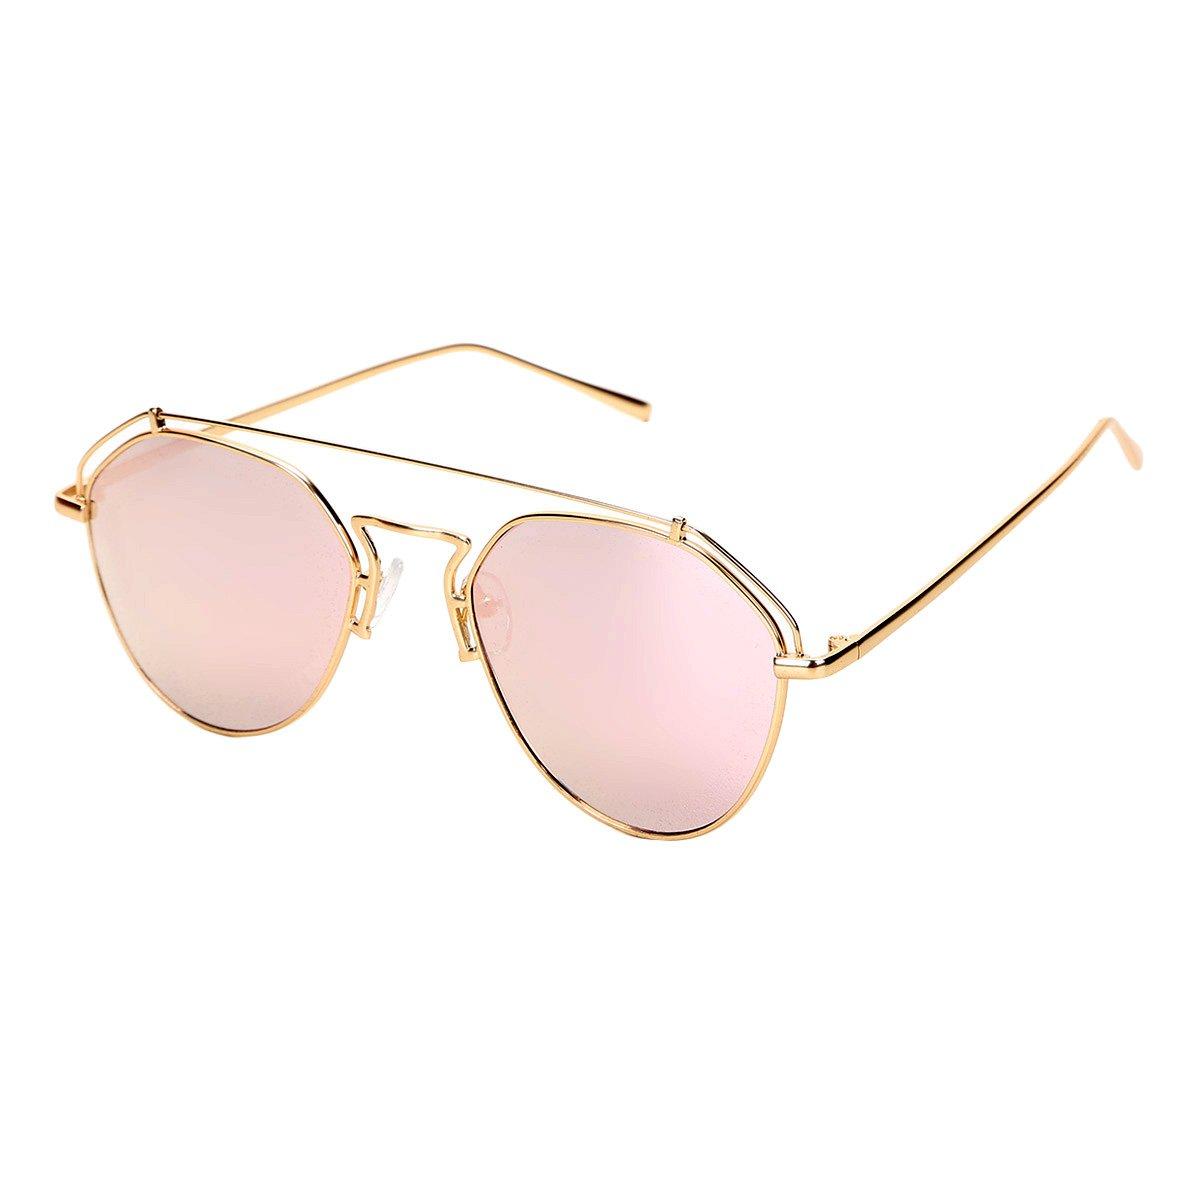 7136a000a7ce6 Óculos de Sol King One J7008 Feminino - Compre Agora